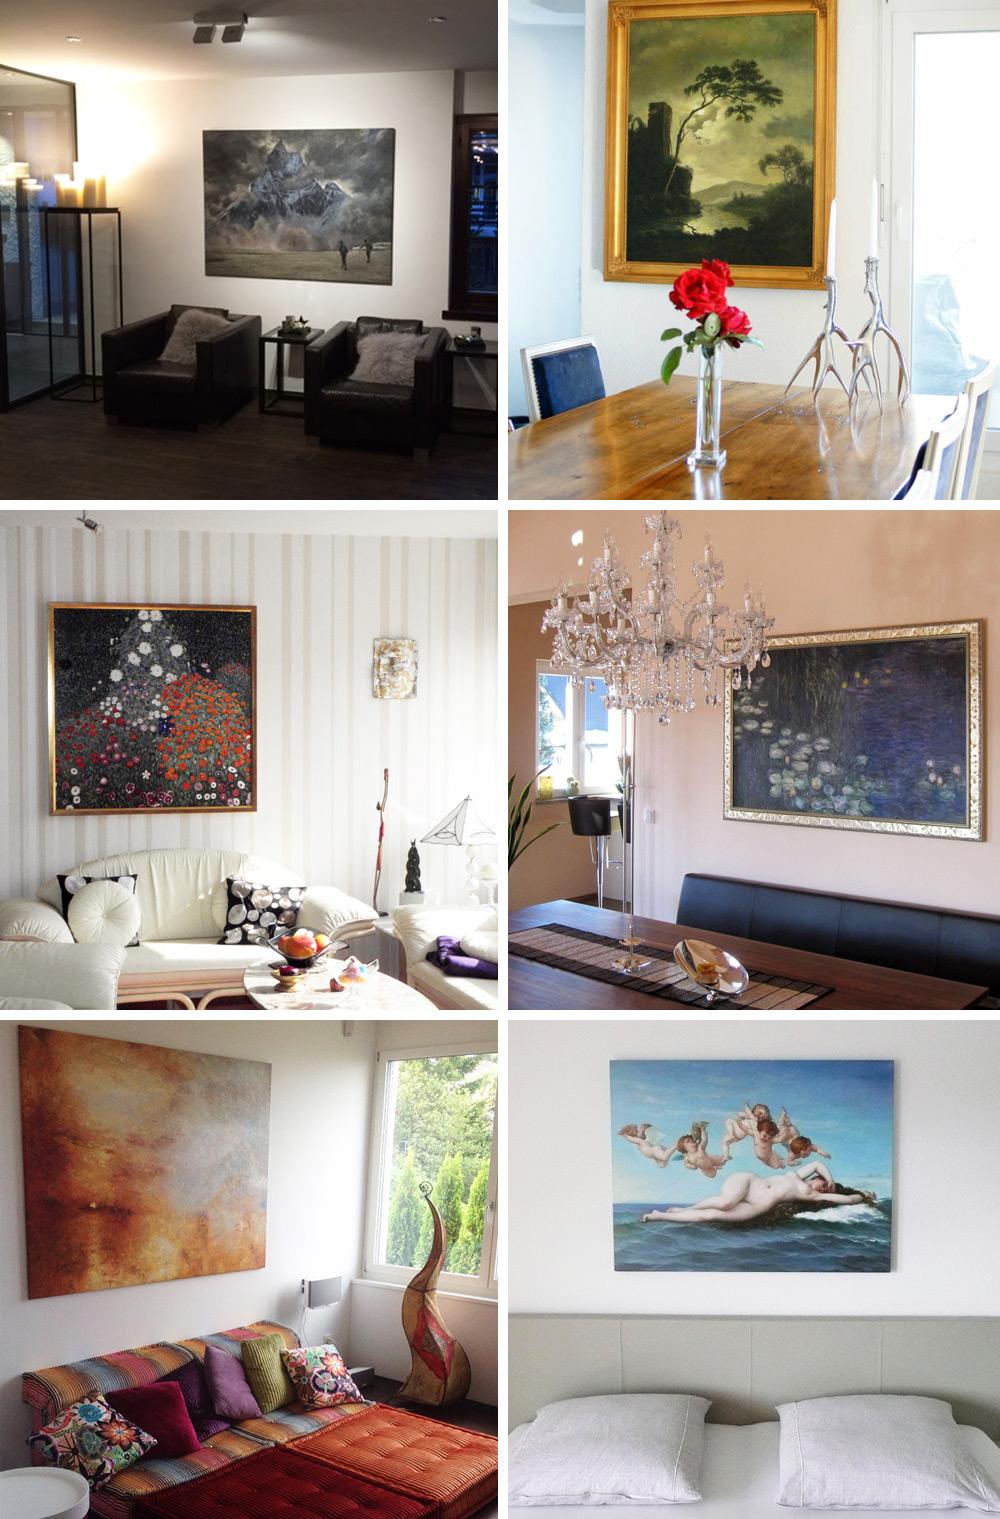 Kundenphotos von Wandbildern mit Motiven der Klassischen Moderne